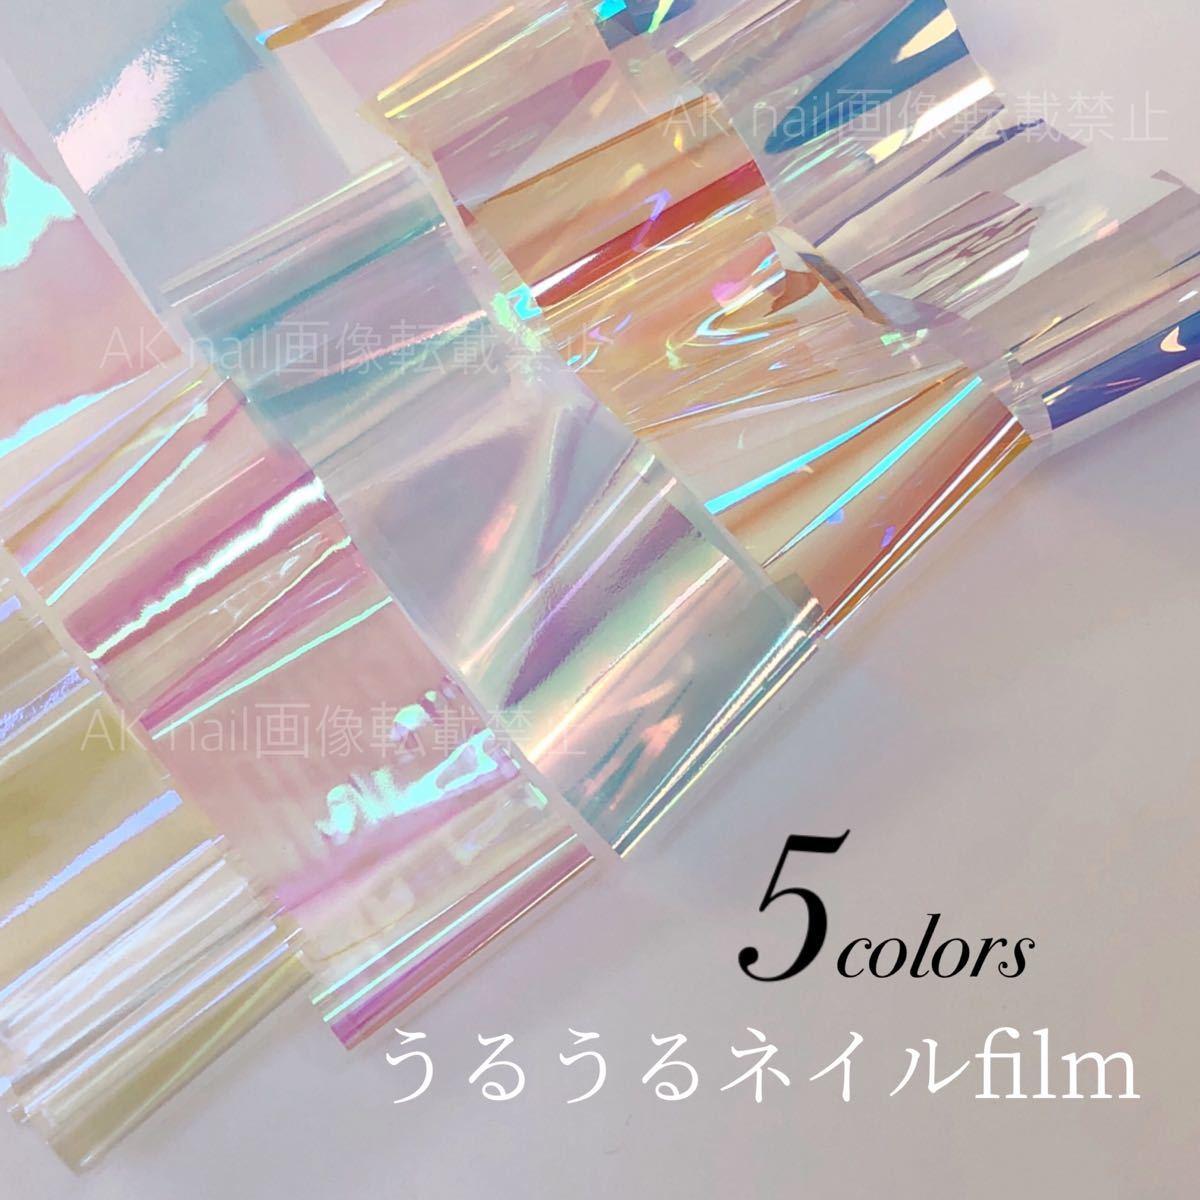 ネイルフィルム 5カラーセット うるうる氷ネイル 韓国ネイル オルチャン